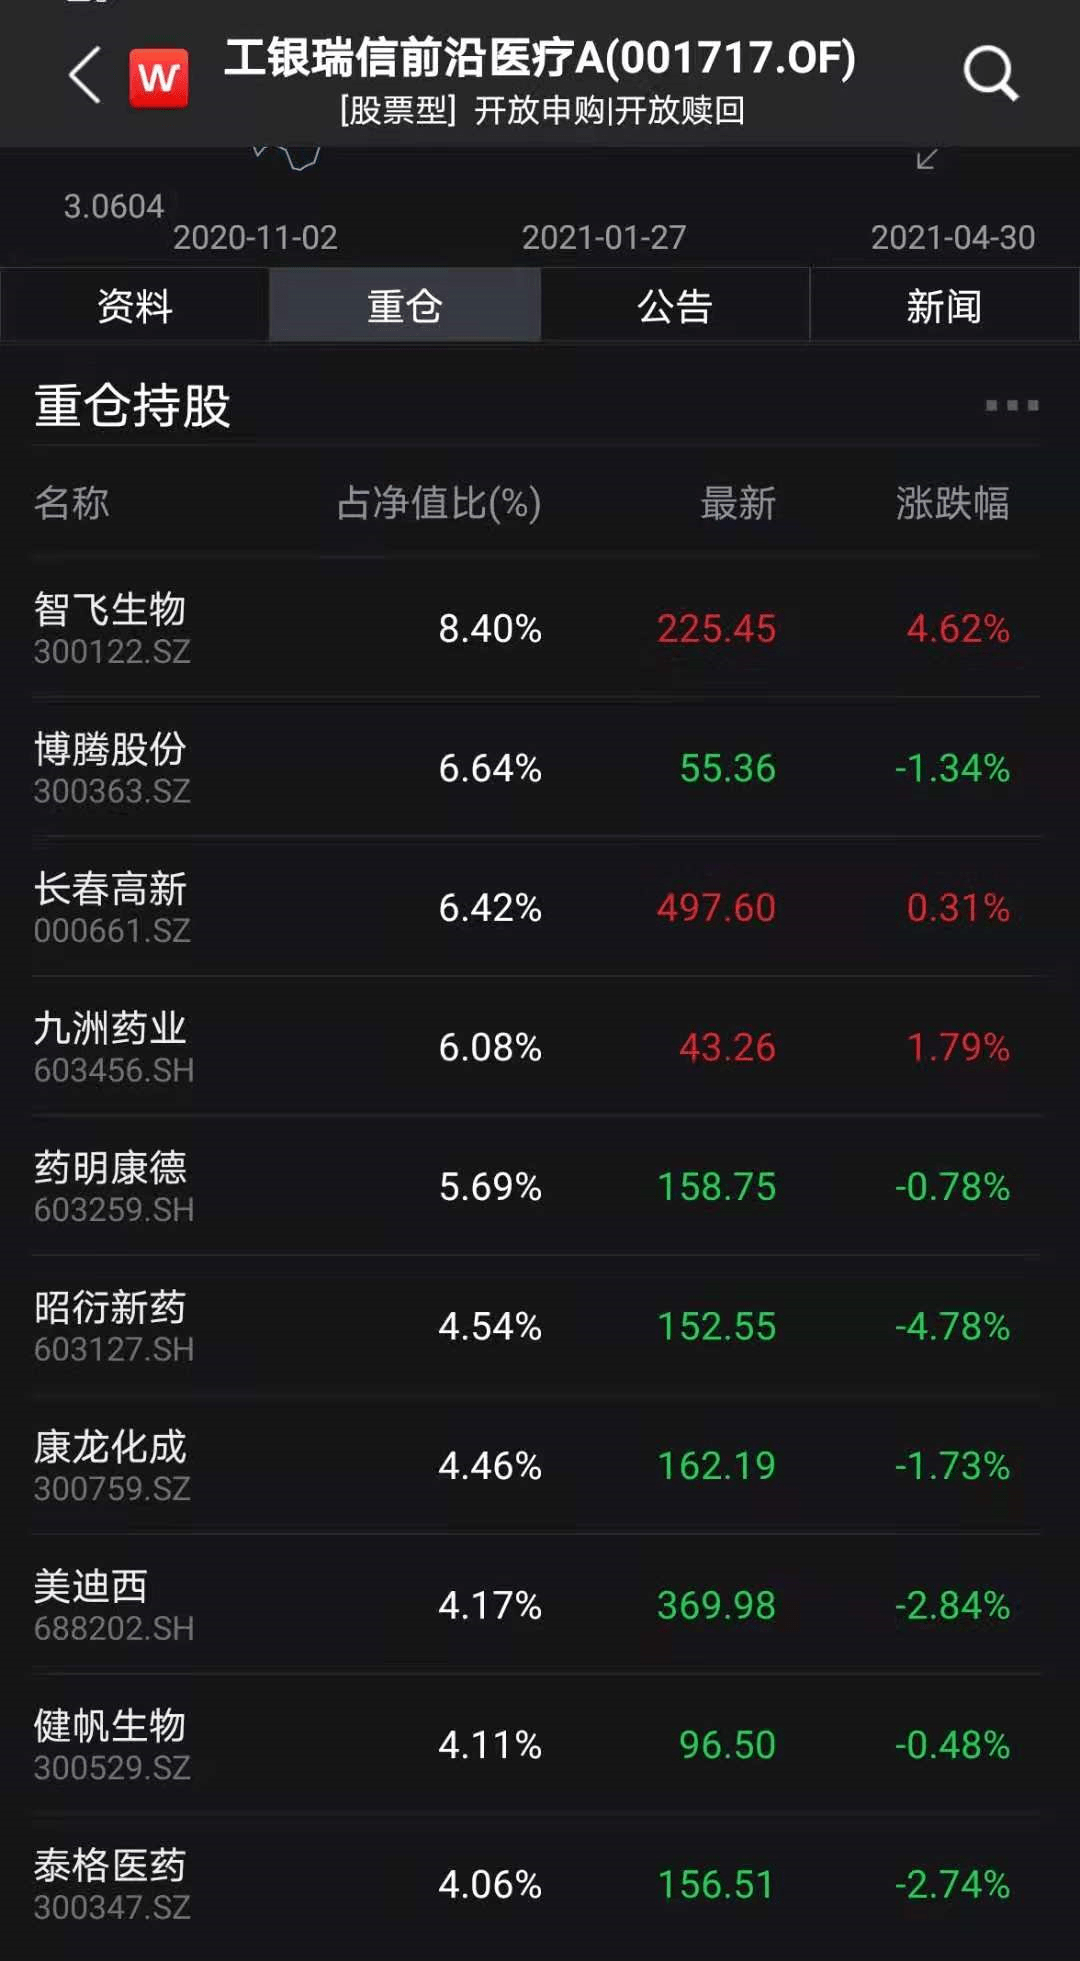 张坤排名罕见下滑:偏股基金业绩惨烈大洗牌